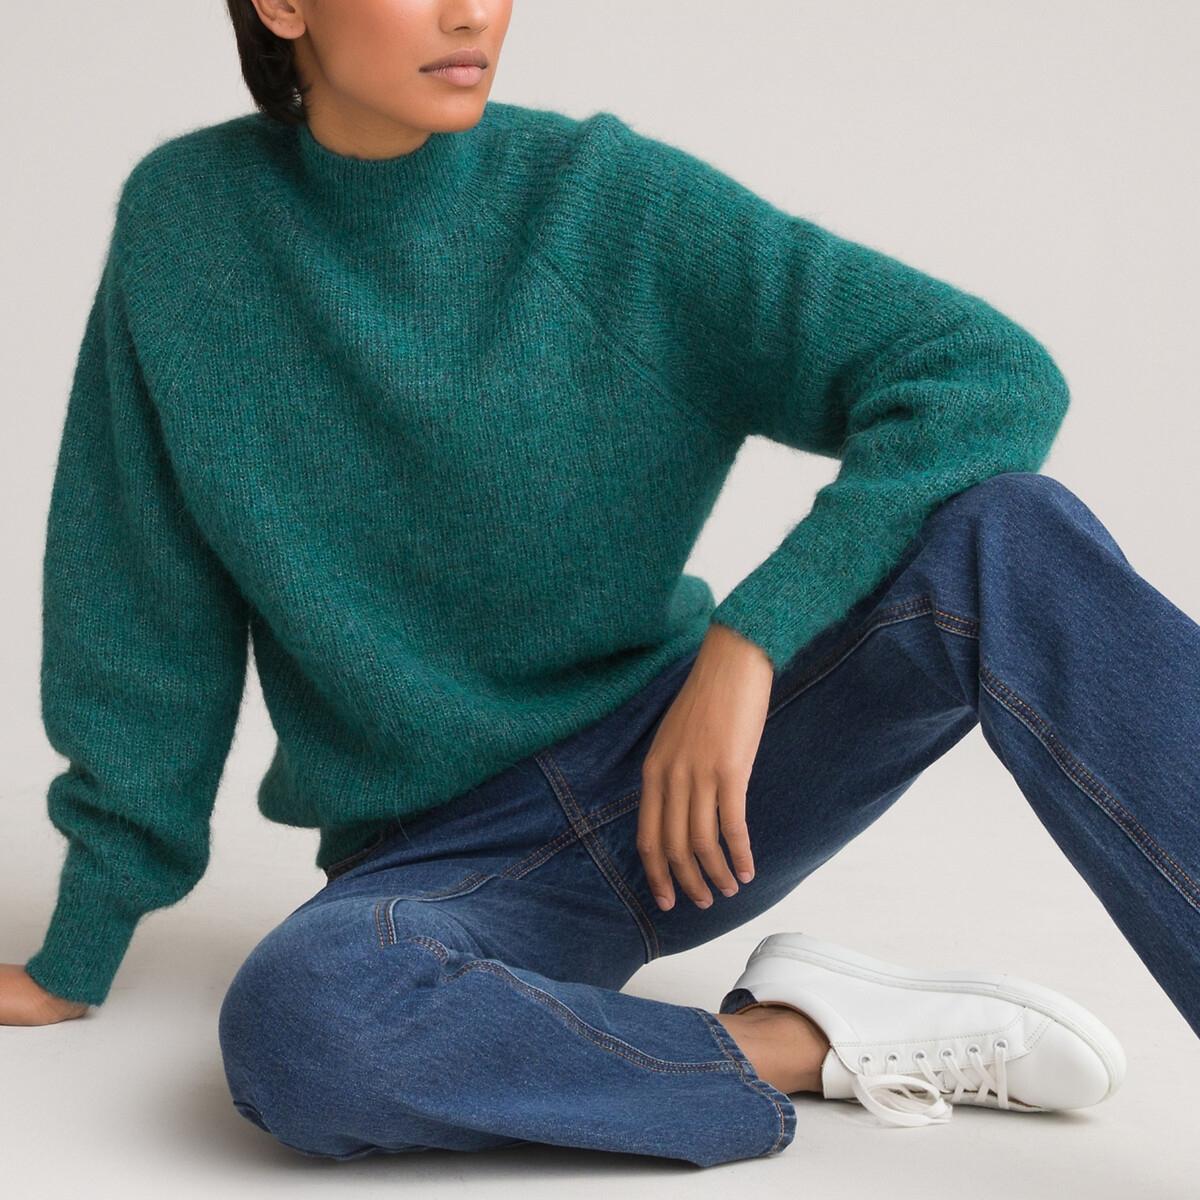 Фото - Пуловер LaRedoute С воротником-стойкой XL зеленый пуловер laredoute с воротником стойкой из ажурного трикотажа пуантель m каштановый